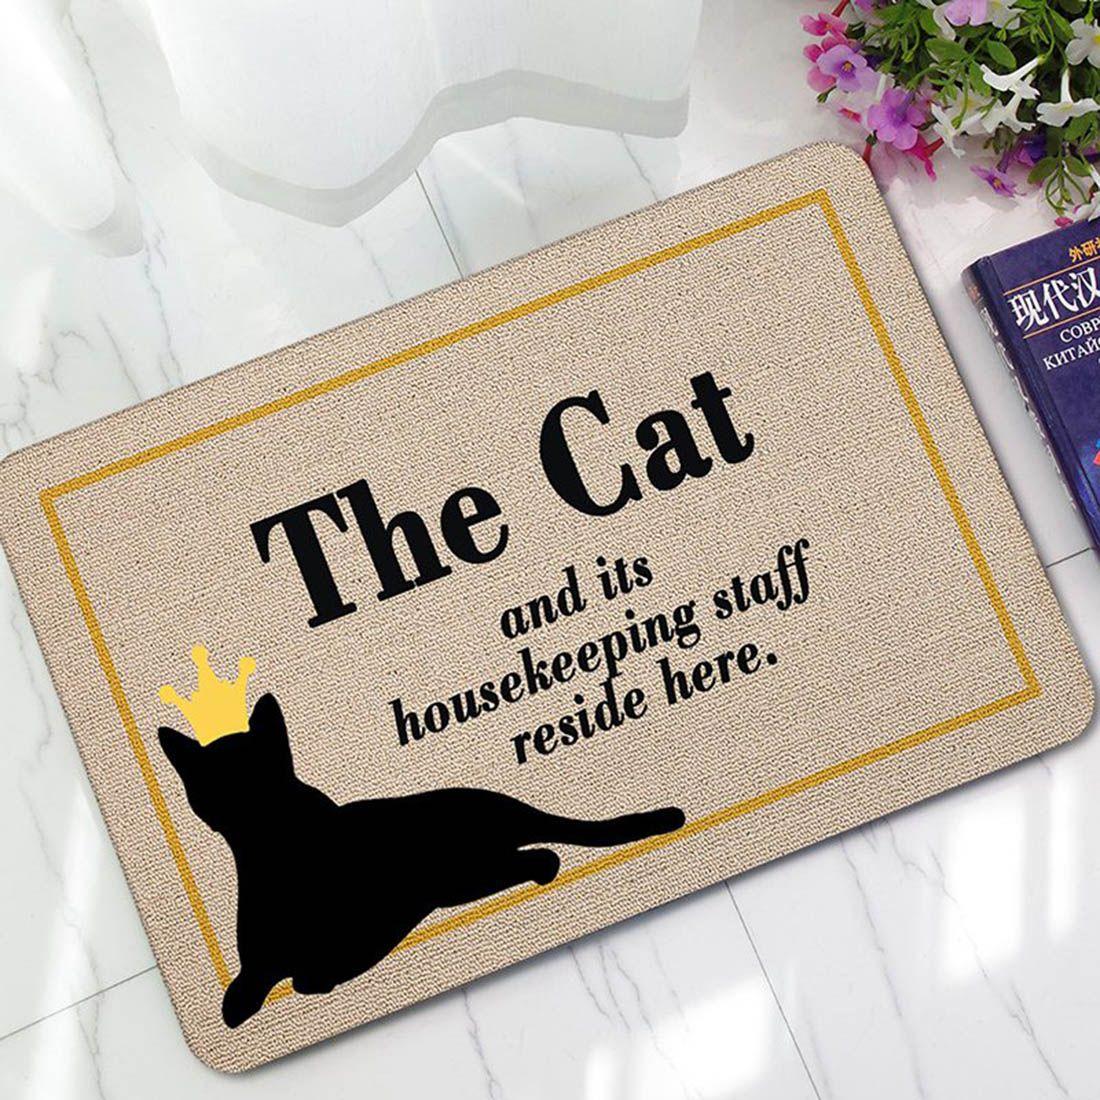 Cartoon Door Mat Cat Printed Non-slip Absorbent Foldable Doormat for Living Room Bedroom Carpet Home Door Floor Mats Pad